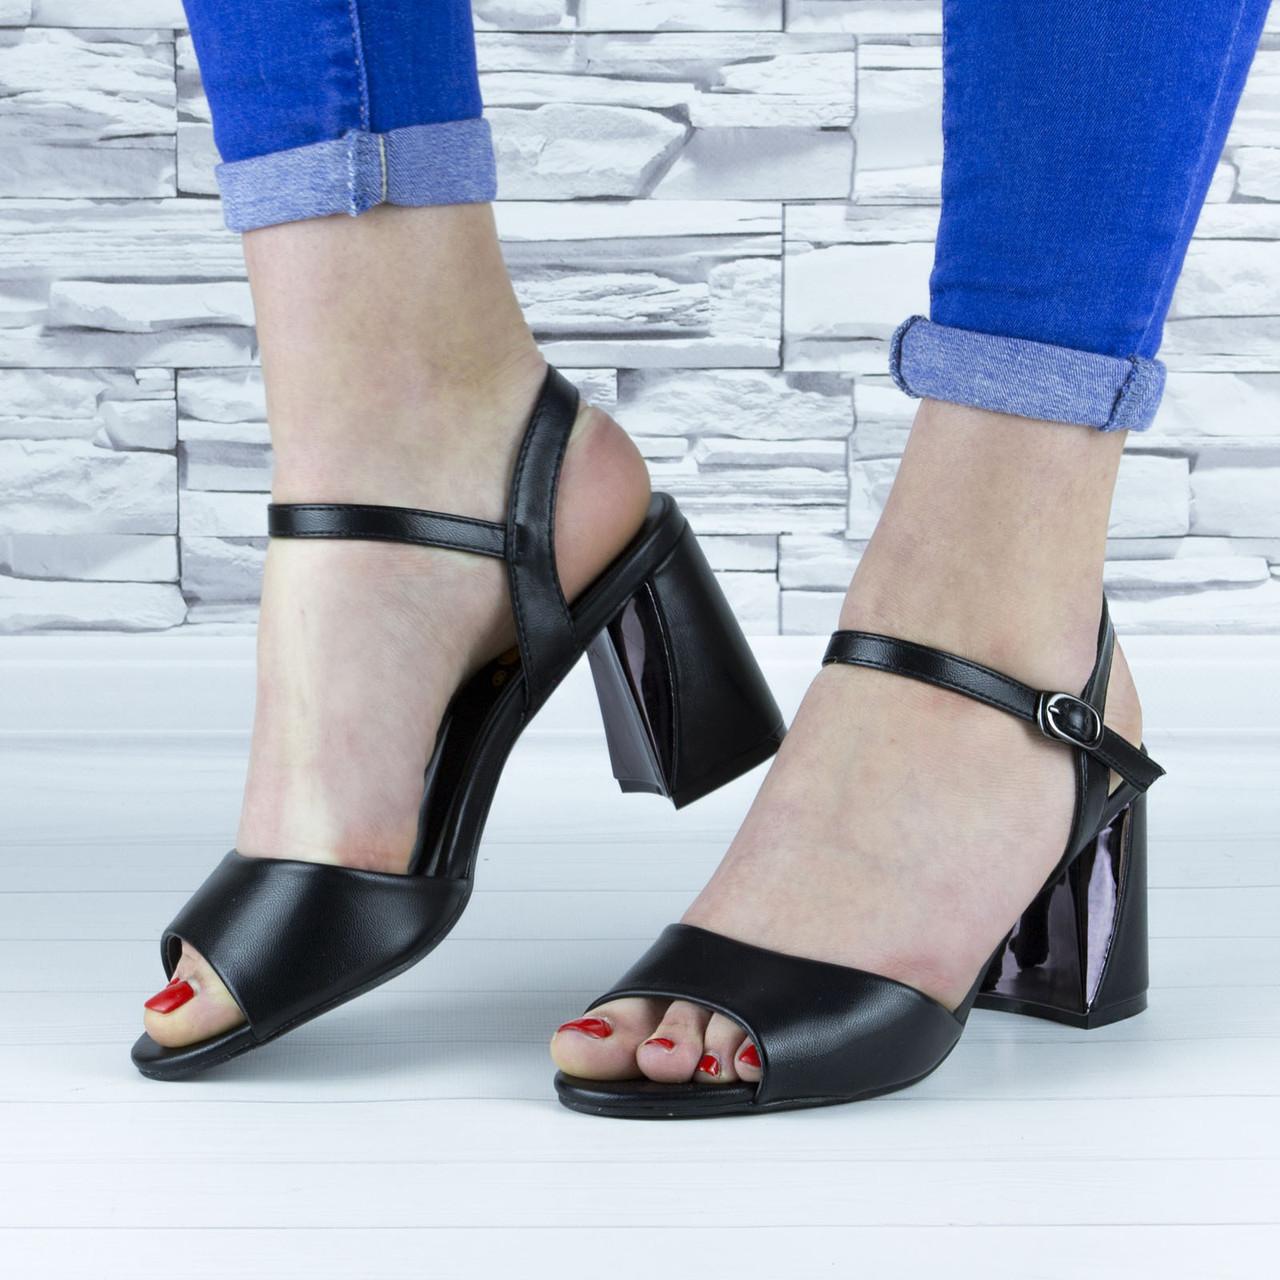 Босоножки женские черные на устойчивом каблуке эко кожа (b-687)